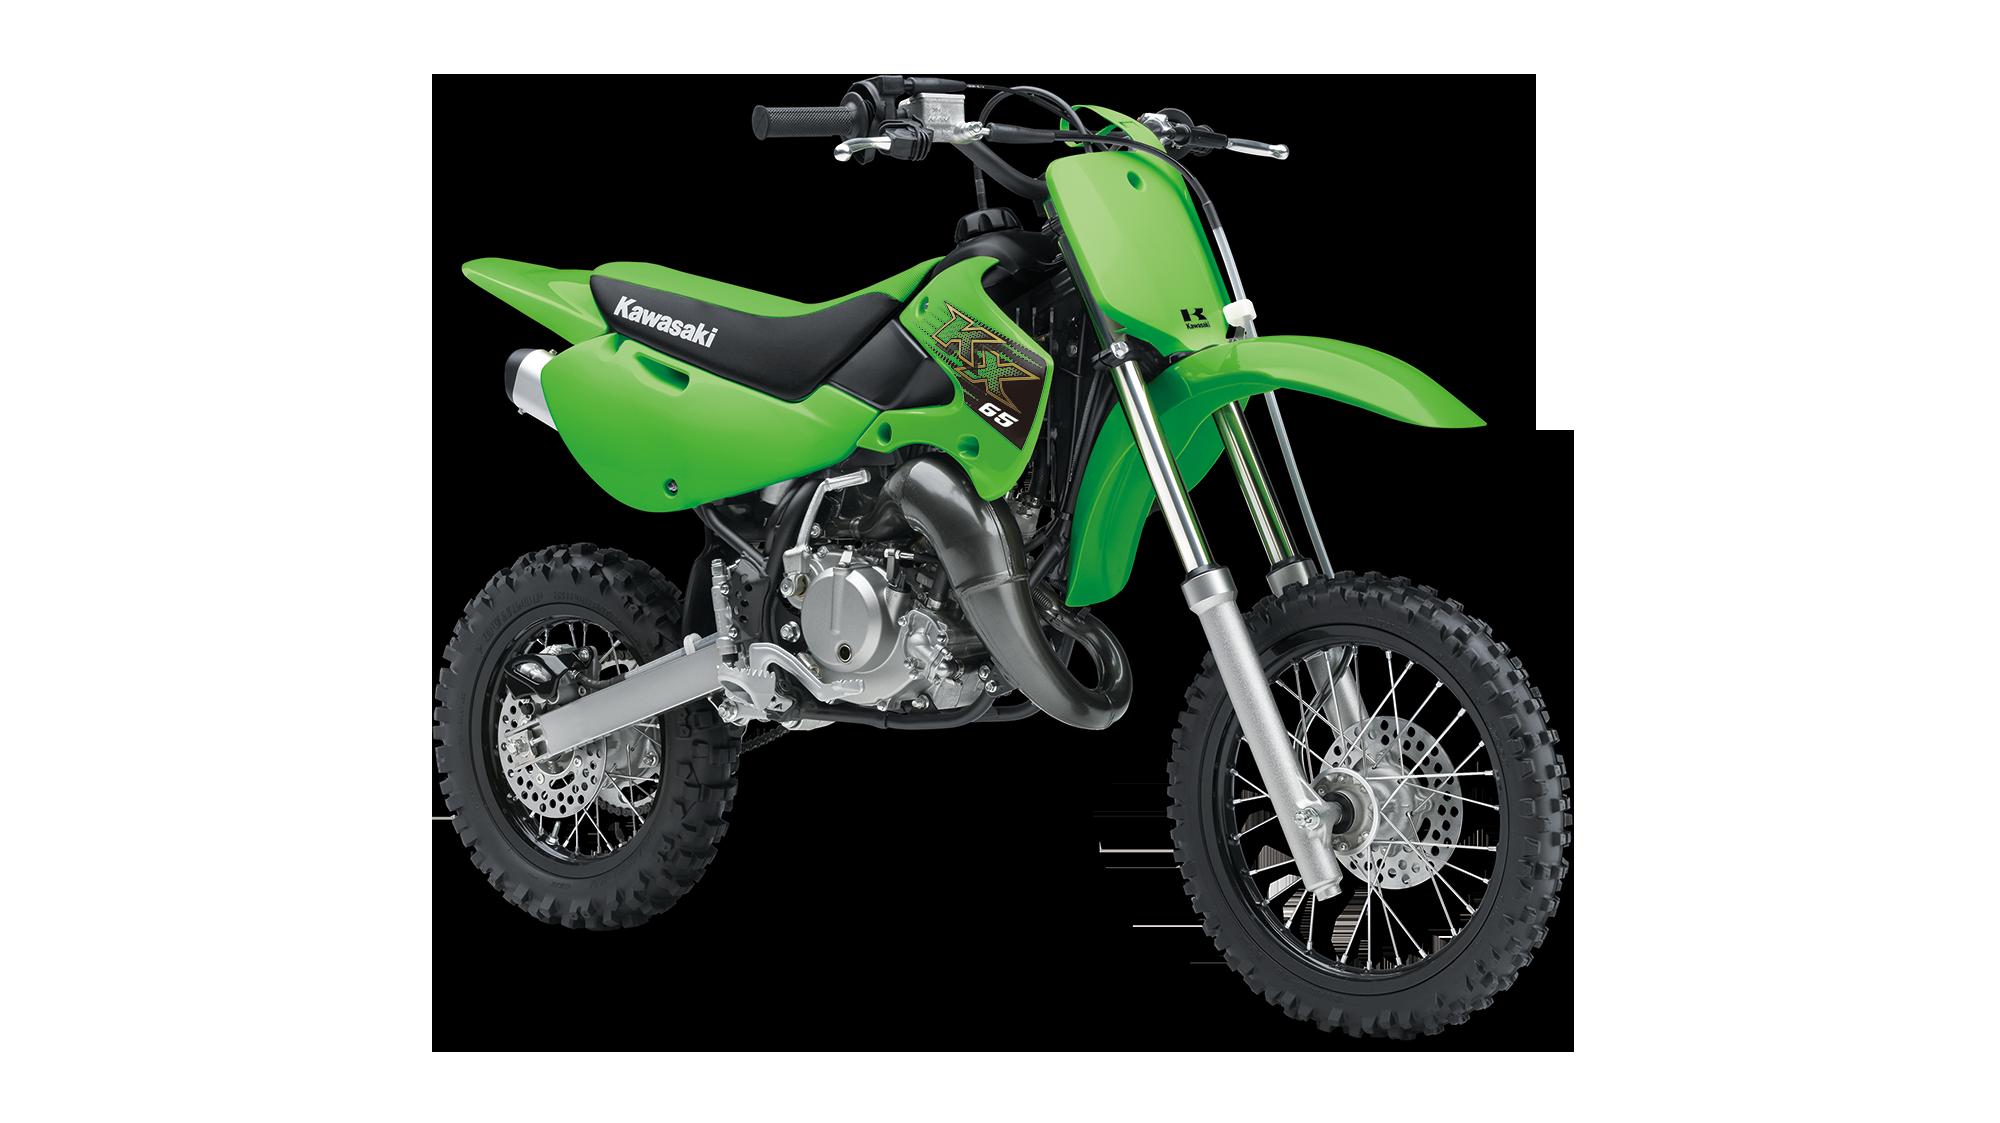 2020 Kx 65 Kx Motorcycle By Kawasaki